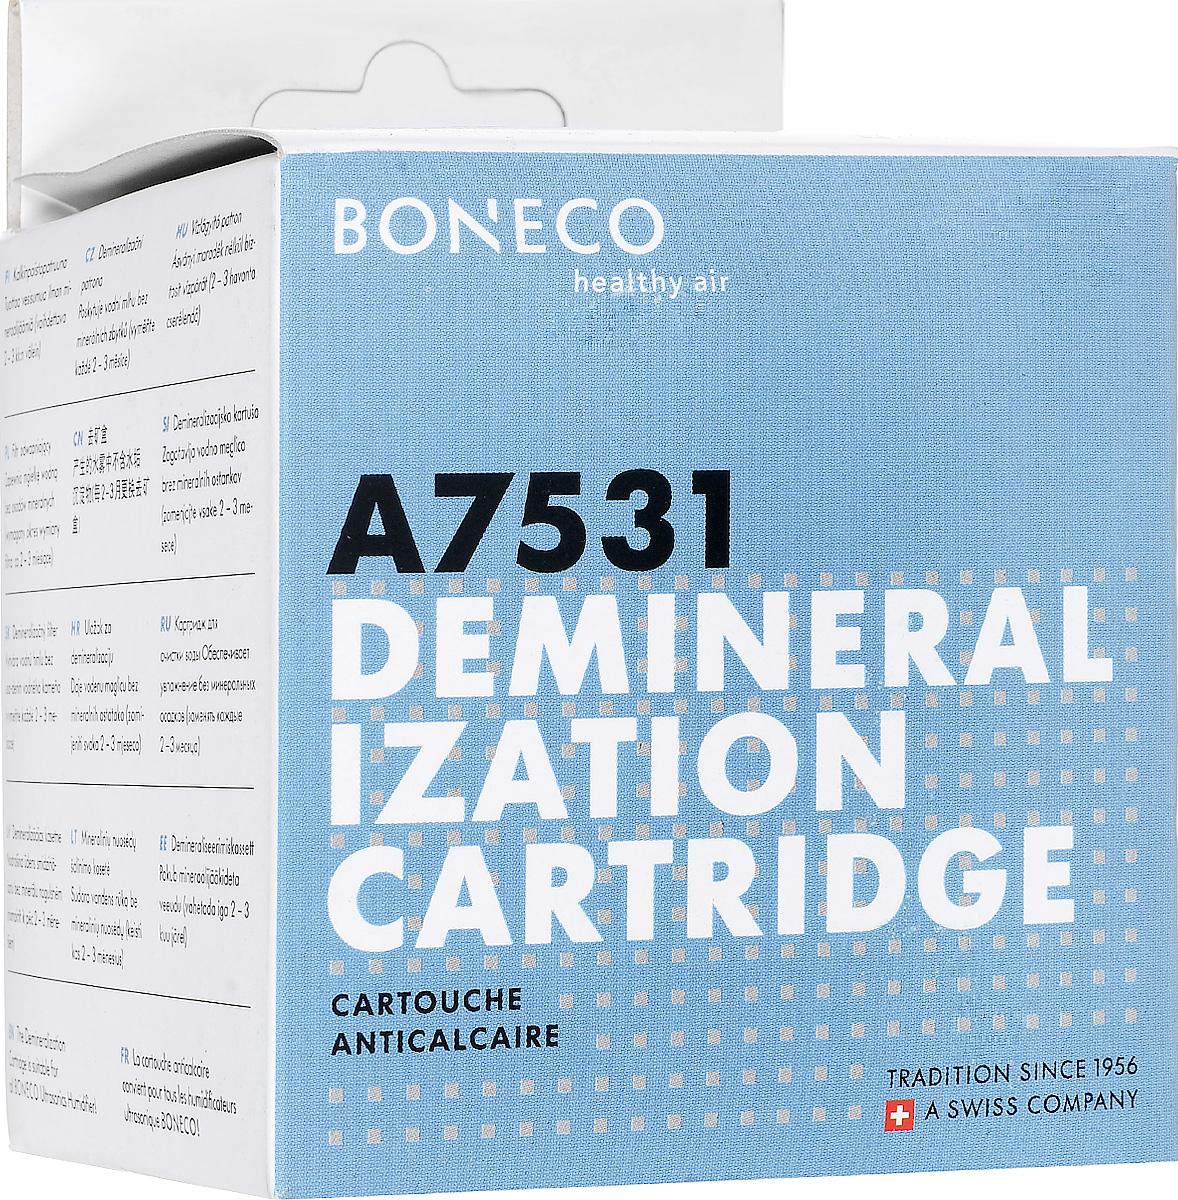 Boneco 7531 фильтр-картридж AG+НС-0070591Сменный AG+ картридж 7531 представляет собой фильтр-картридж для очистки воды, используемой в ультразвуковых увлажнителях воздуха. Фильтр-картридж эффективно очищает жидкость от различных примесей. Этот элемент играет важную роль в работе ультразвукового увлажнителя, поскольку препятствует возникновению так называемого белого налета, который представляет собой не что иное как соли и другие вещества, растворенные в жесткой воде. Как известно, ультразвуковой увлажнитель распыляет воду со всем содержимым, соответственно, капли водяной пыли оседают на поверхностях, влага испаряется, а растворенные минеральные соли остаются. Поэтому при использовании жесткой воды (воды из-под крана), возможно появление белого налета (минеральных солей, содержащихся в жесткой воде), который выглядит как пыль. AG+ картридж 7531 эффективно очищает испаряемую воду от минеральных солей, ржавчины, остатков извести и других веществ. Значительное продление срока службы картриджа достигается благодаря его объему, содержащему в 2 раза больше наполнителя (ионообменной смолы).Срок эксплуатации фильтра-картриджа составляет в среднем 3 месяца, в зависимости от степени загрязненности и жесткости воды. Для снижения эксплуатационных расходов предлагается экономный способ замены фильтрующего элемента — есть возможность не покупать новый картридж, а заменить только ионообменную смолу.